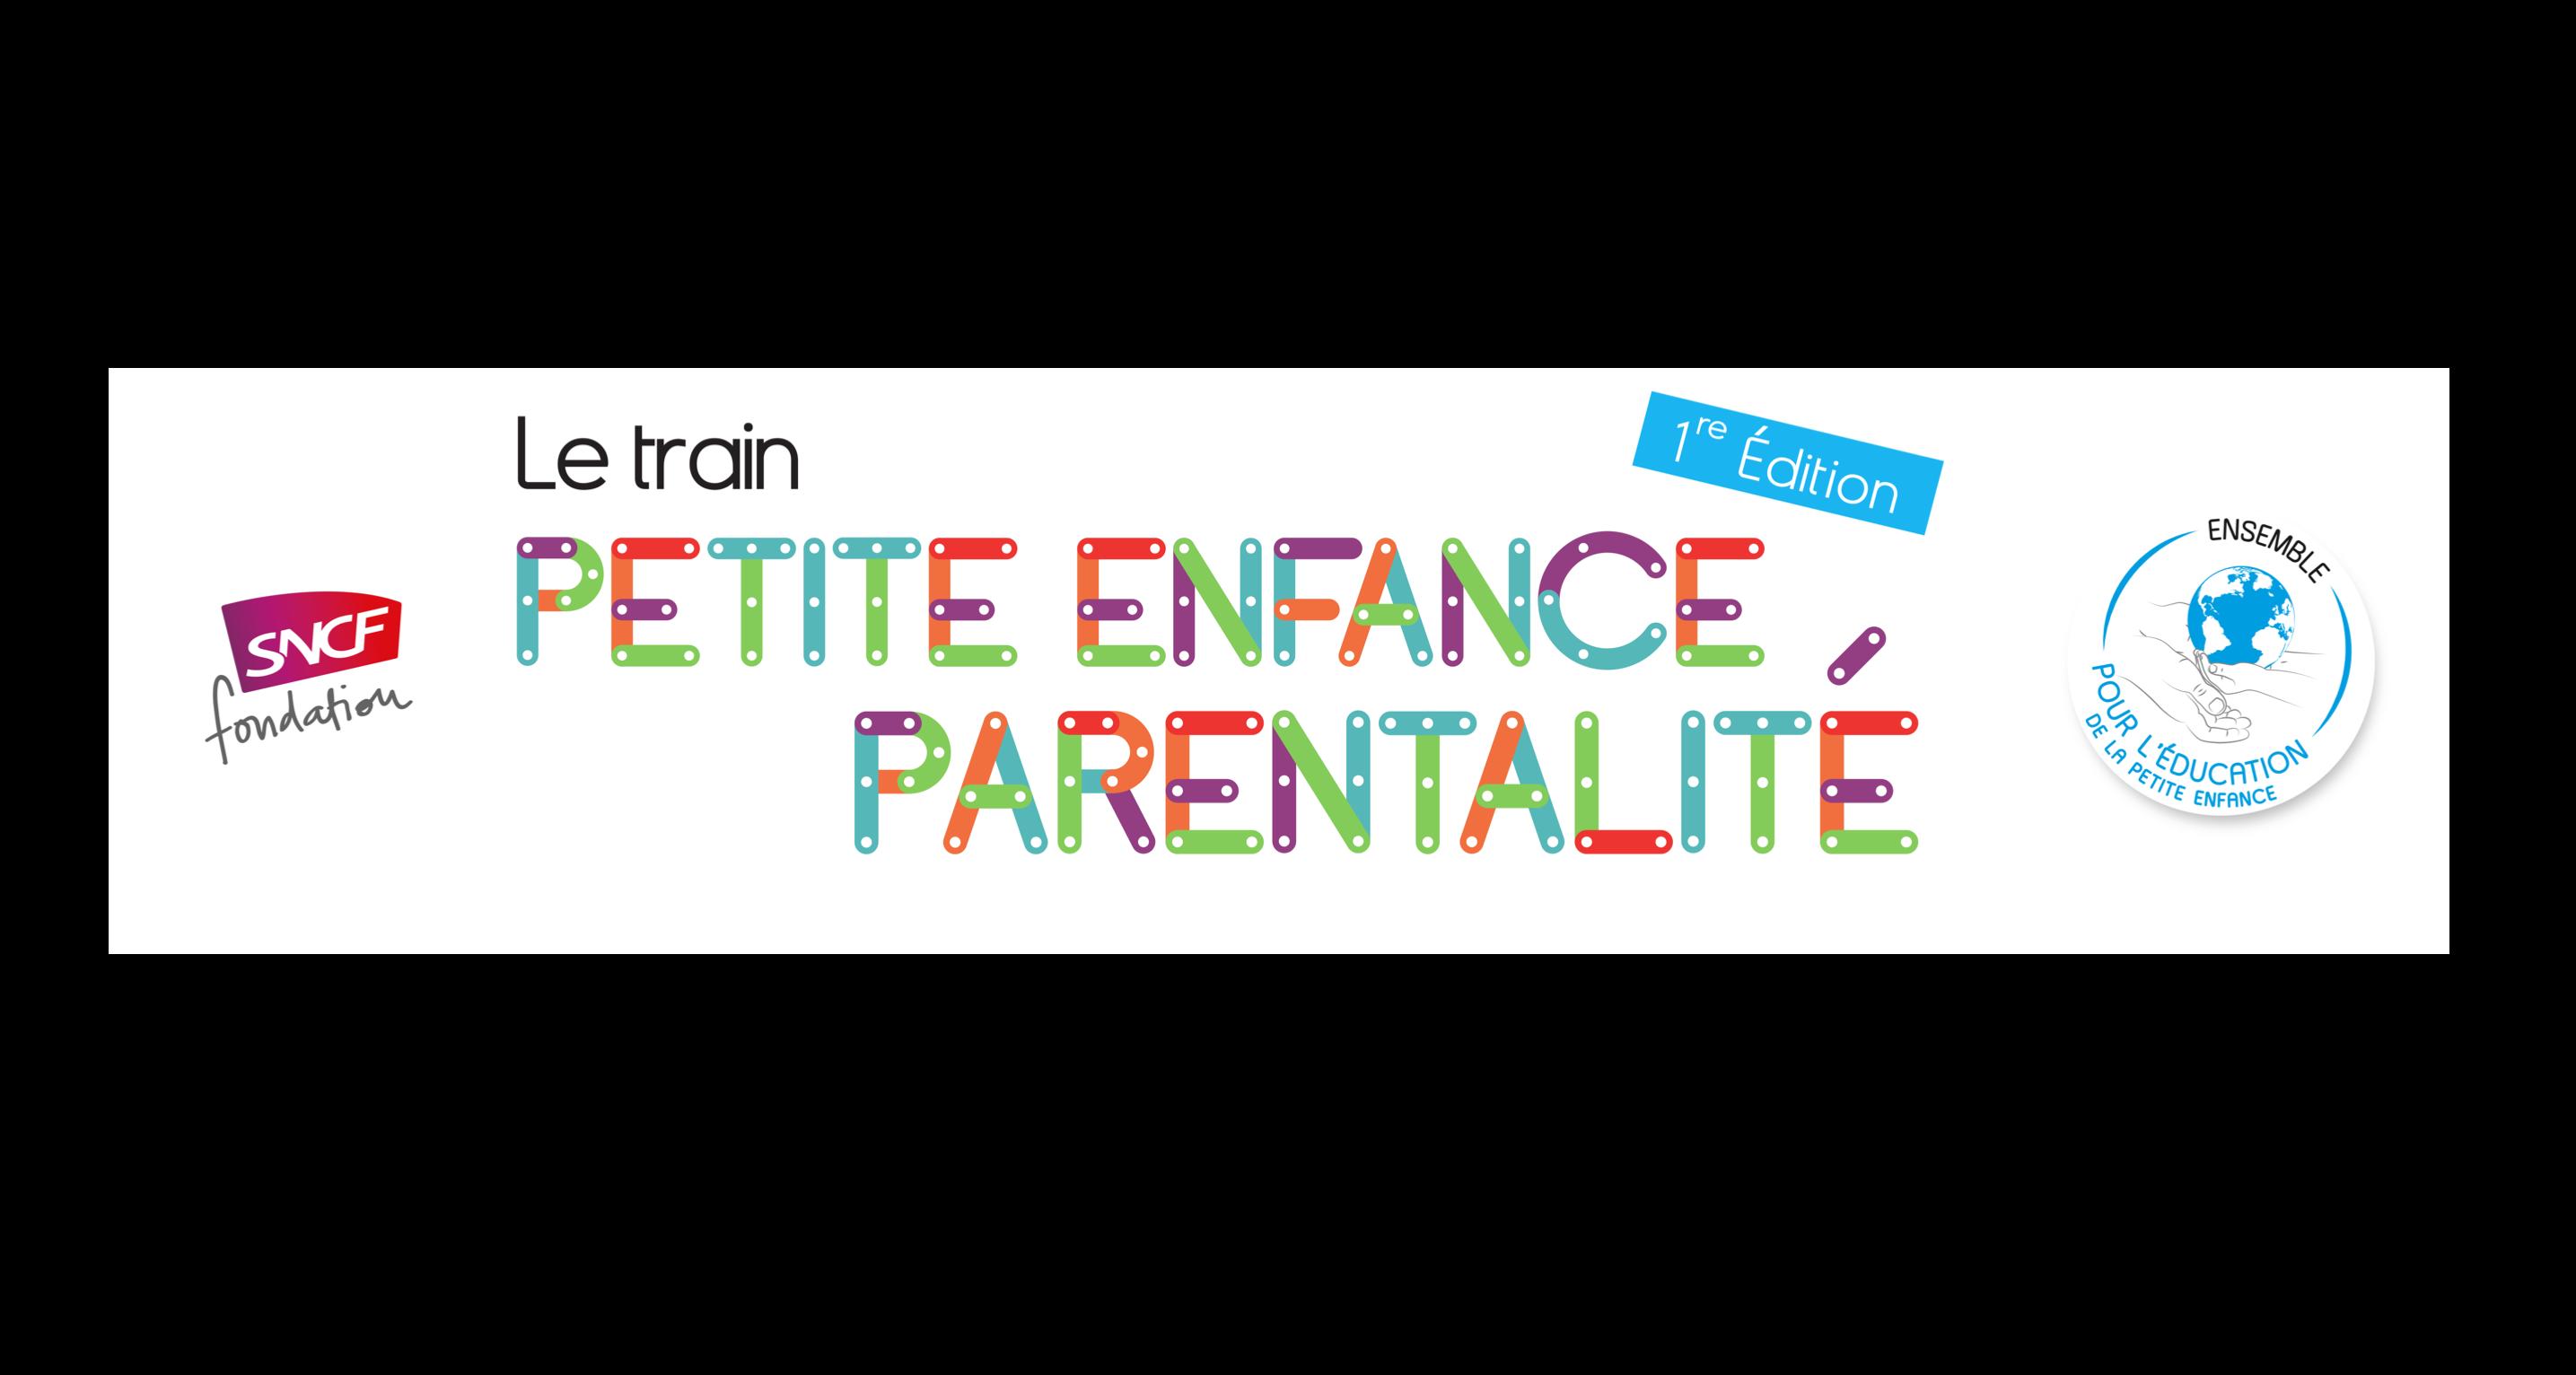 Première édition du Train Petite Enfance et Parentalité